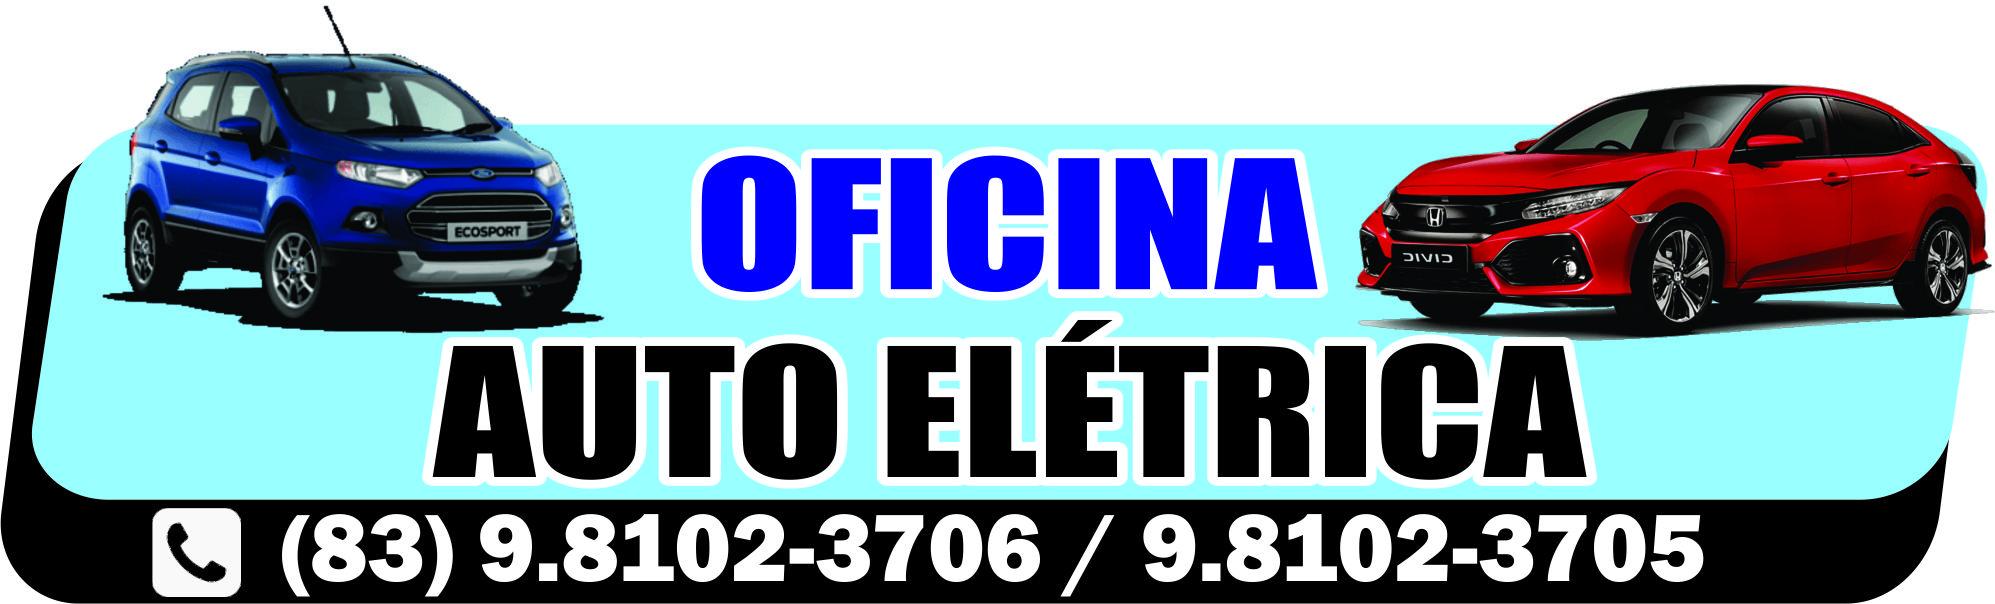 Oficina Auto Elétrica